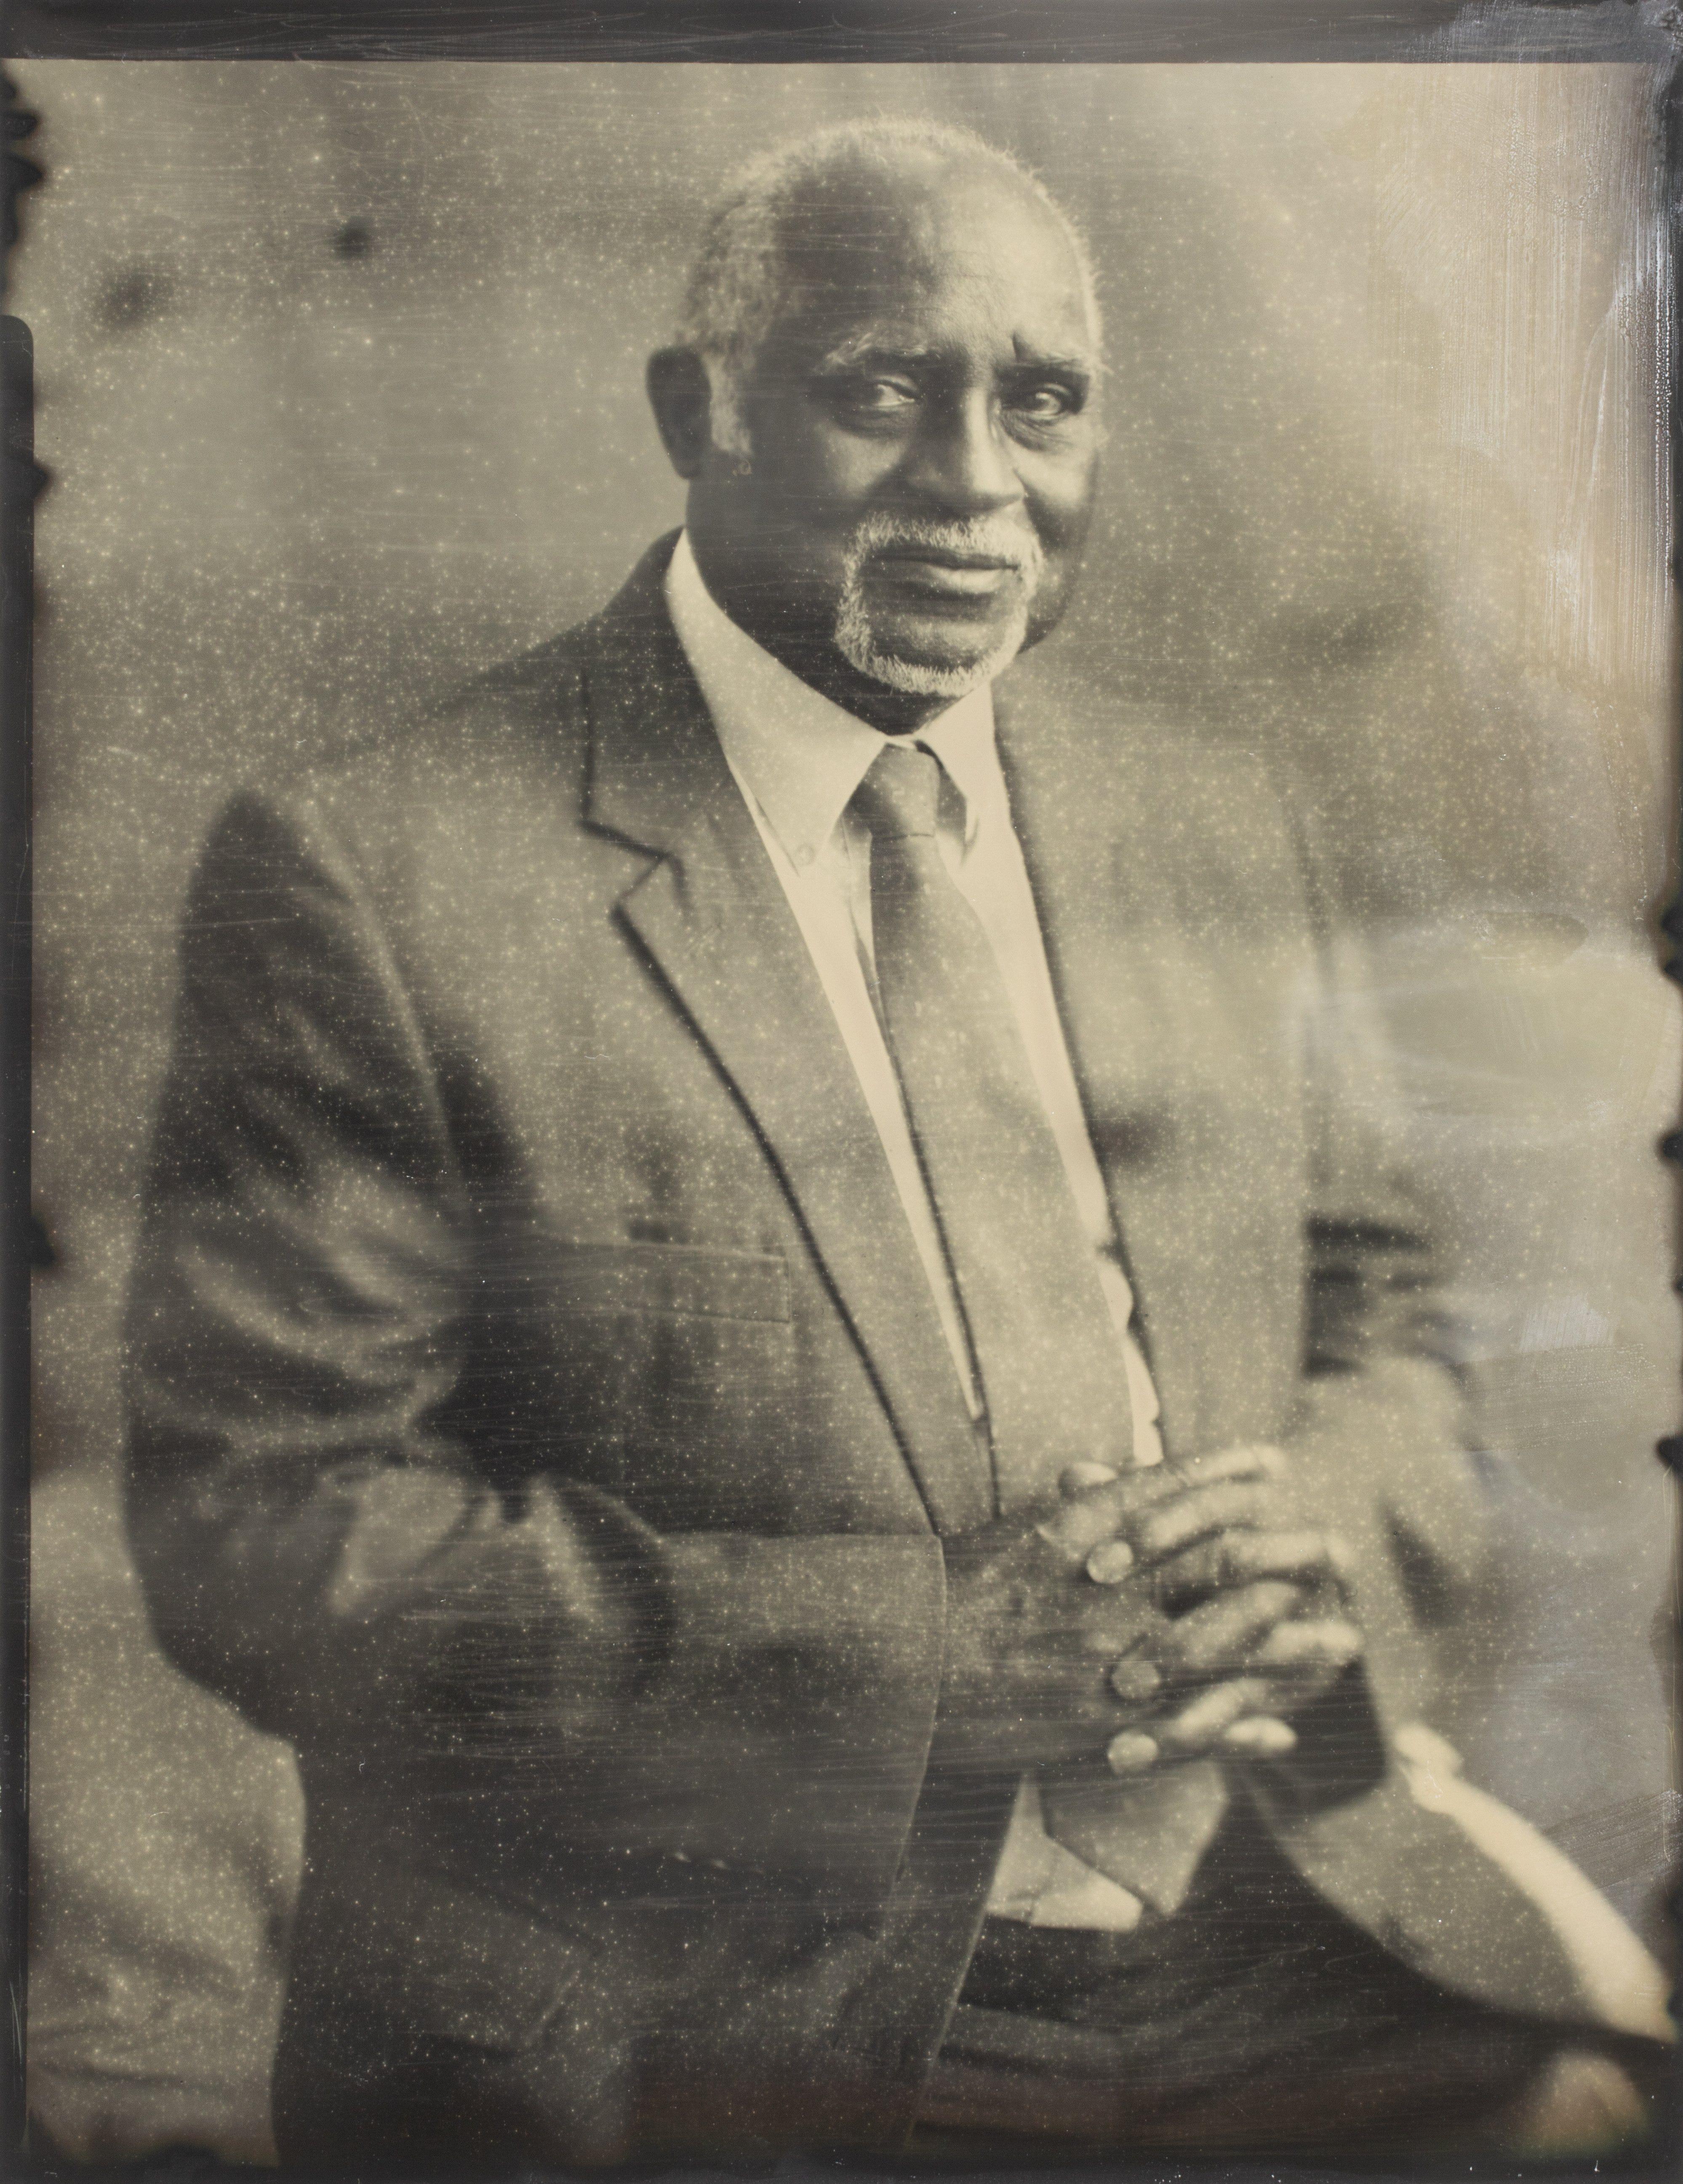 James Settles, great-grandson of Joseph Settles